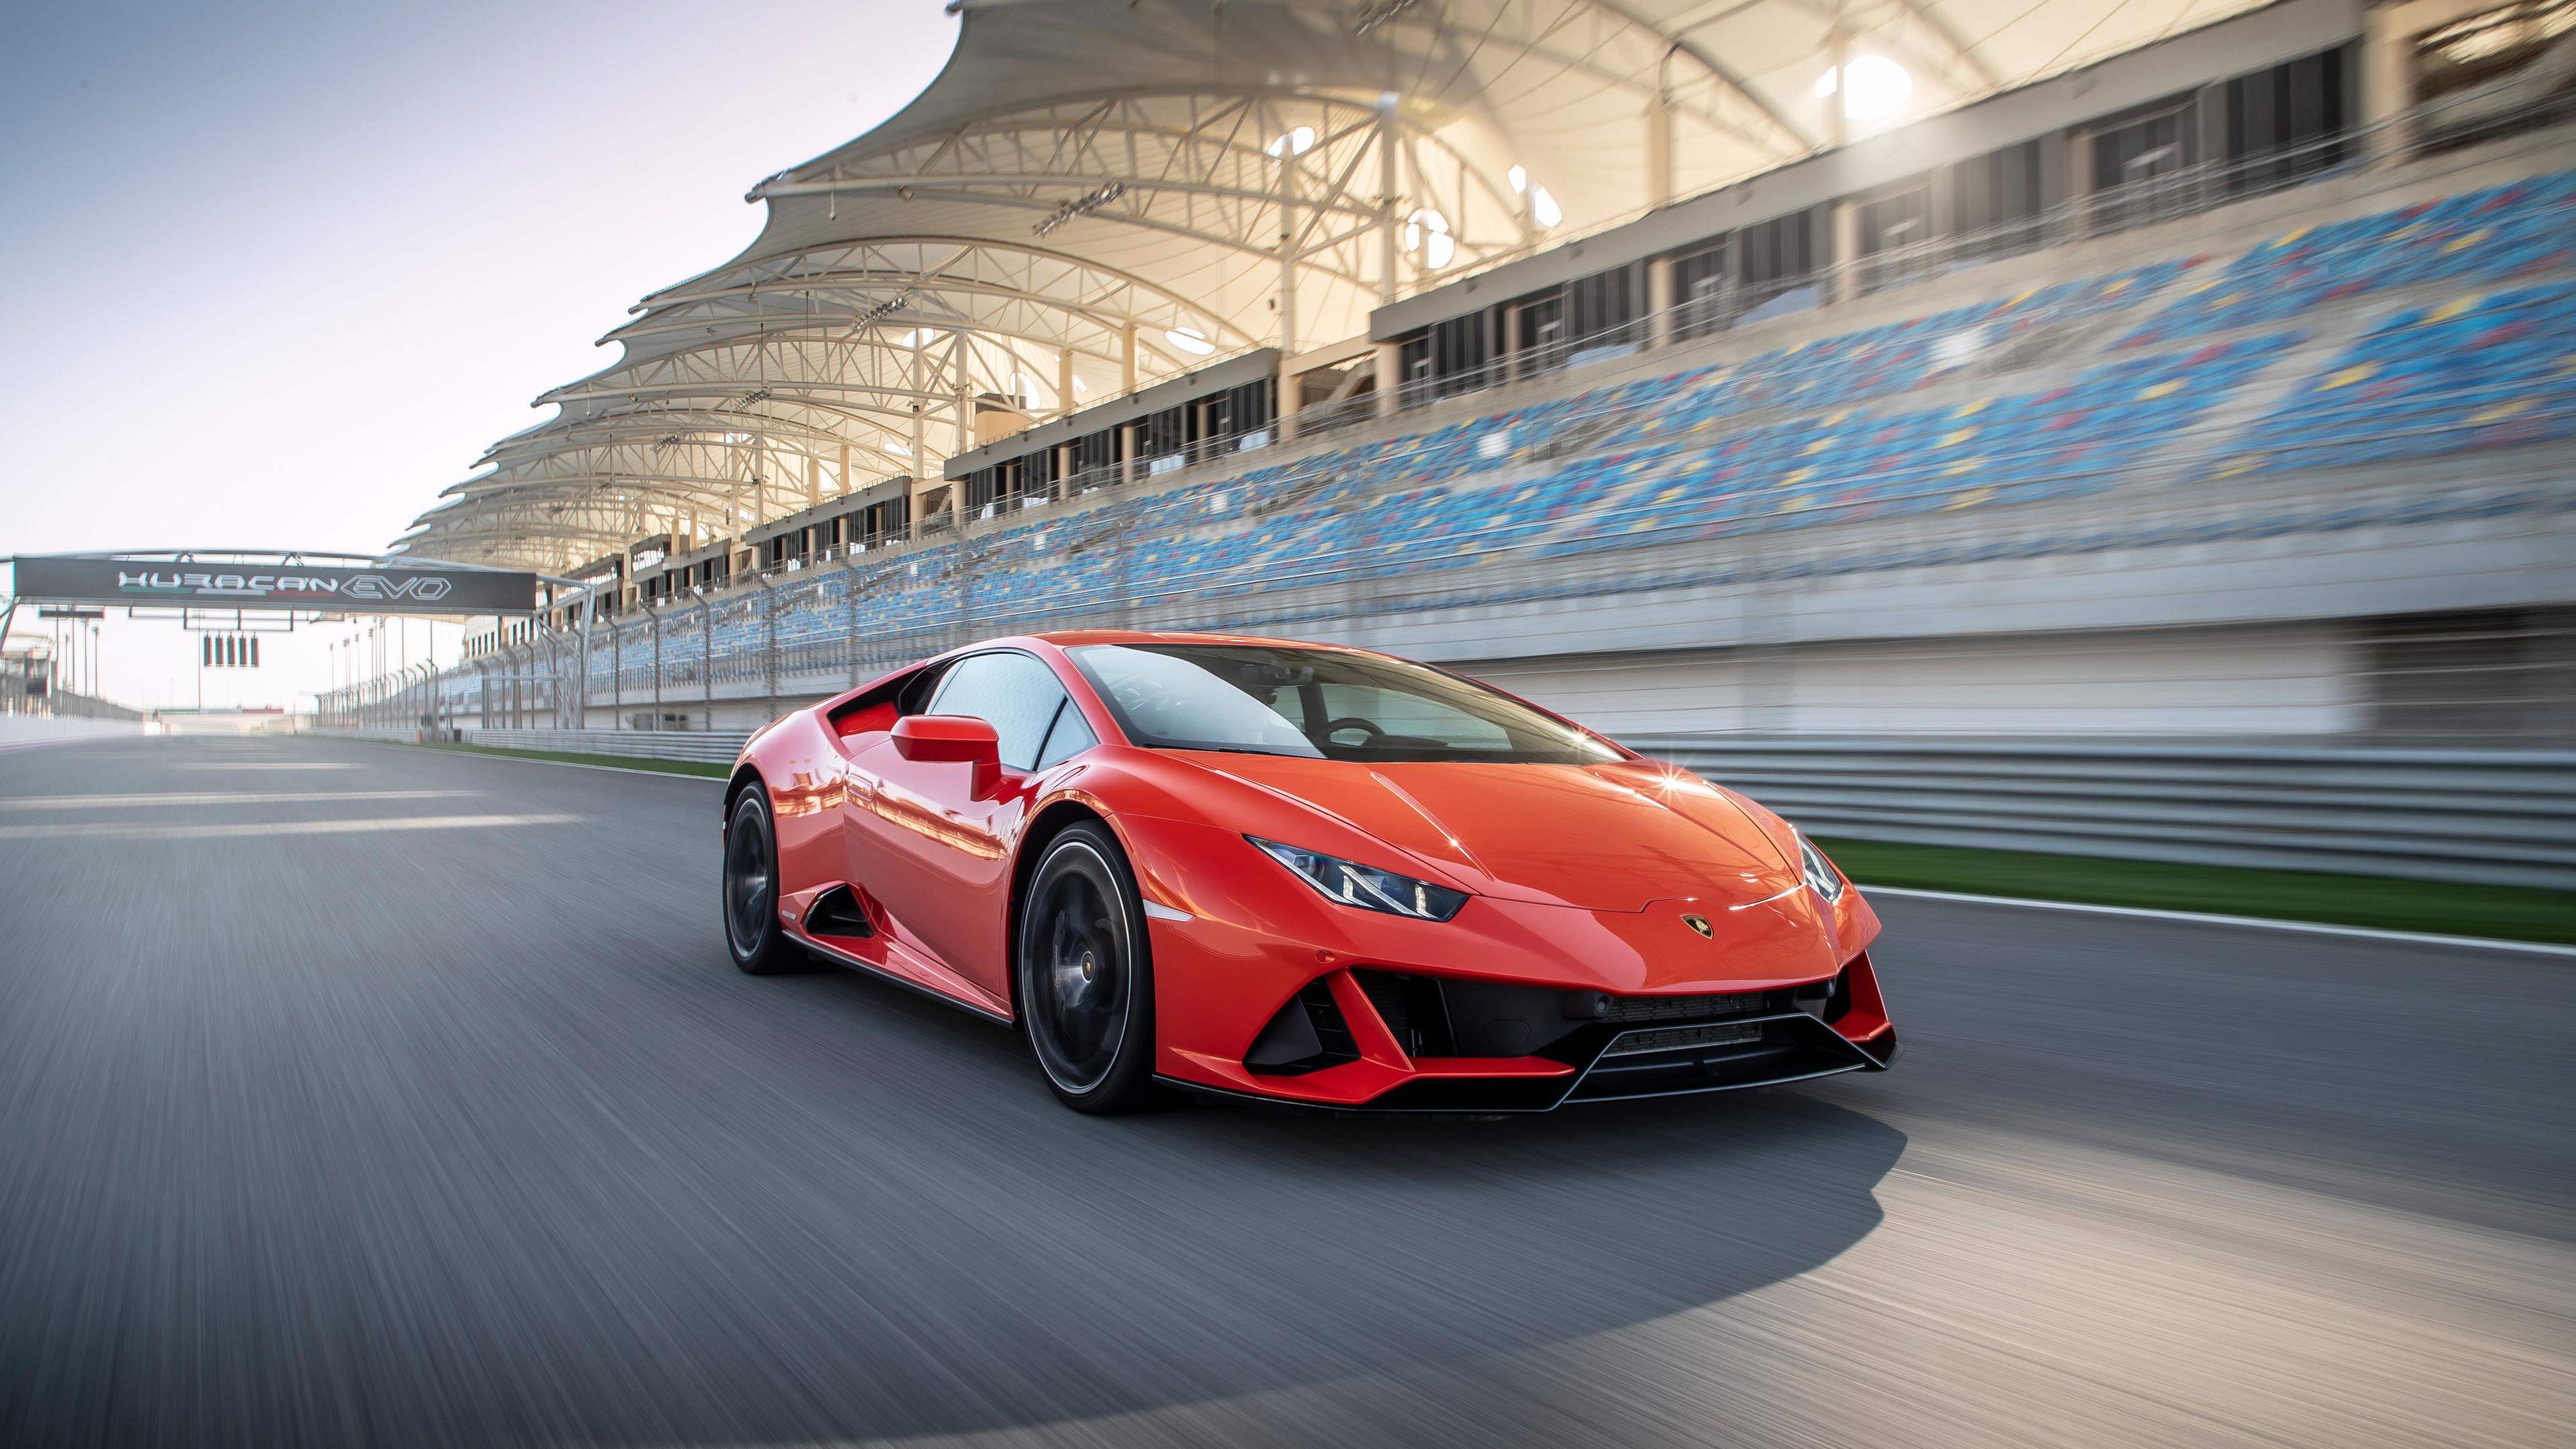 Wallpaper 4k 2019 Lamborghini Huracan Evo 4k 4k Wallpapers